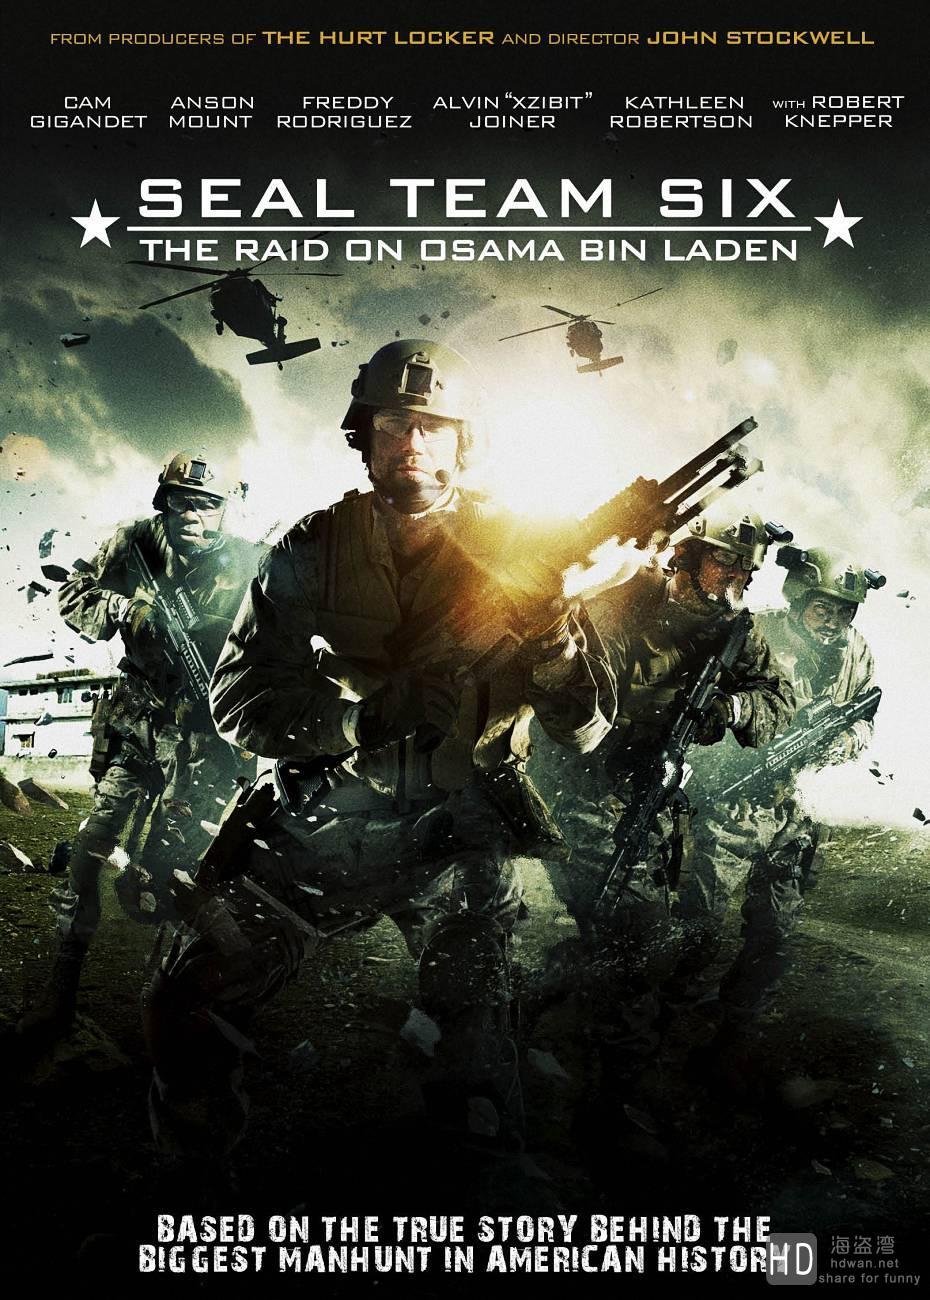 [2012][美国][动作][海豹六队:突袭乌萨马本拉登][720P-1.03GB/HD1280-974MB][中字]